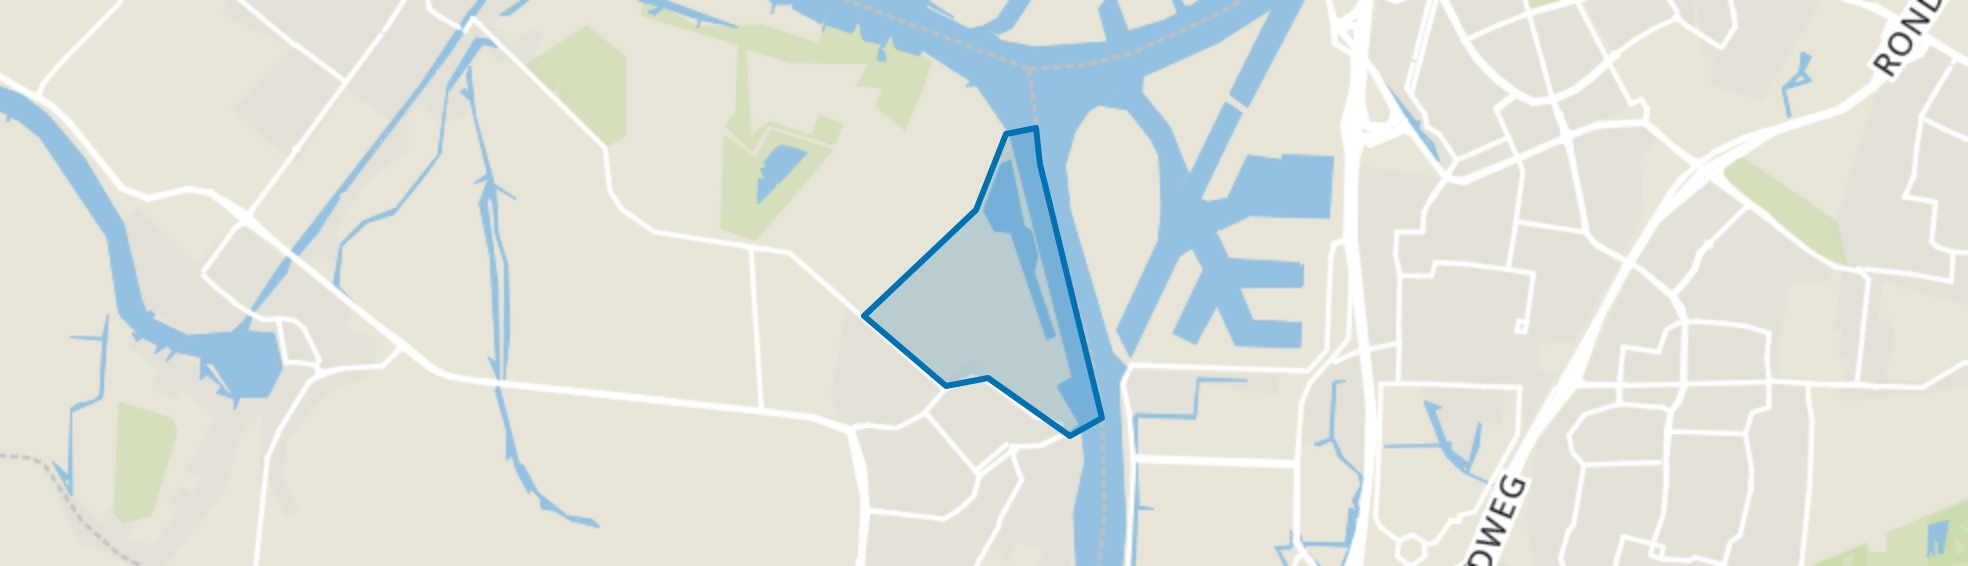 's-Gravendeel Bedrijventerrein Mijlpolder, 's-Gravendeel map